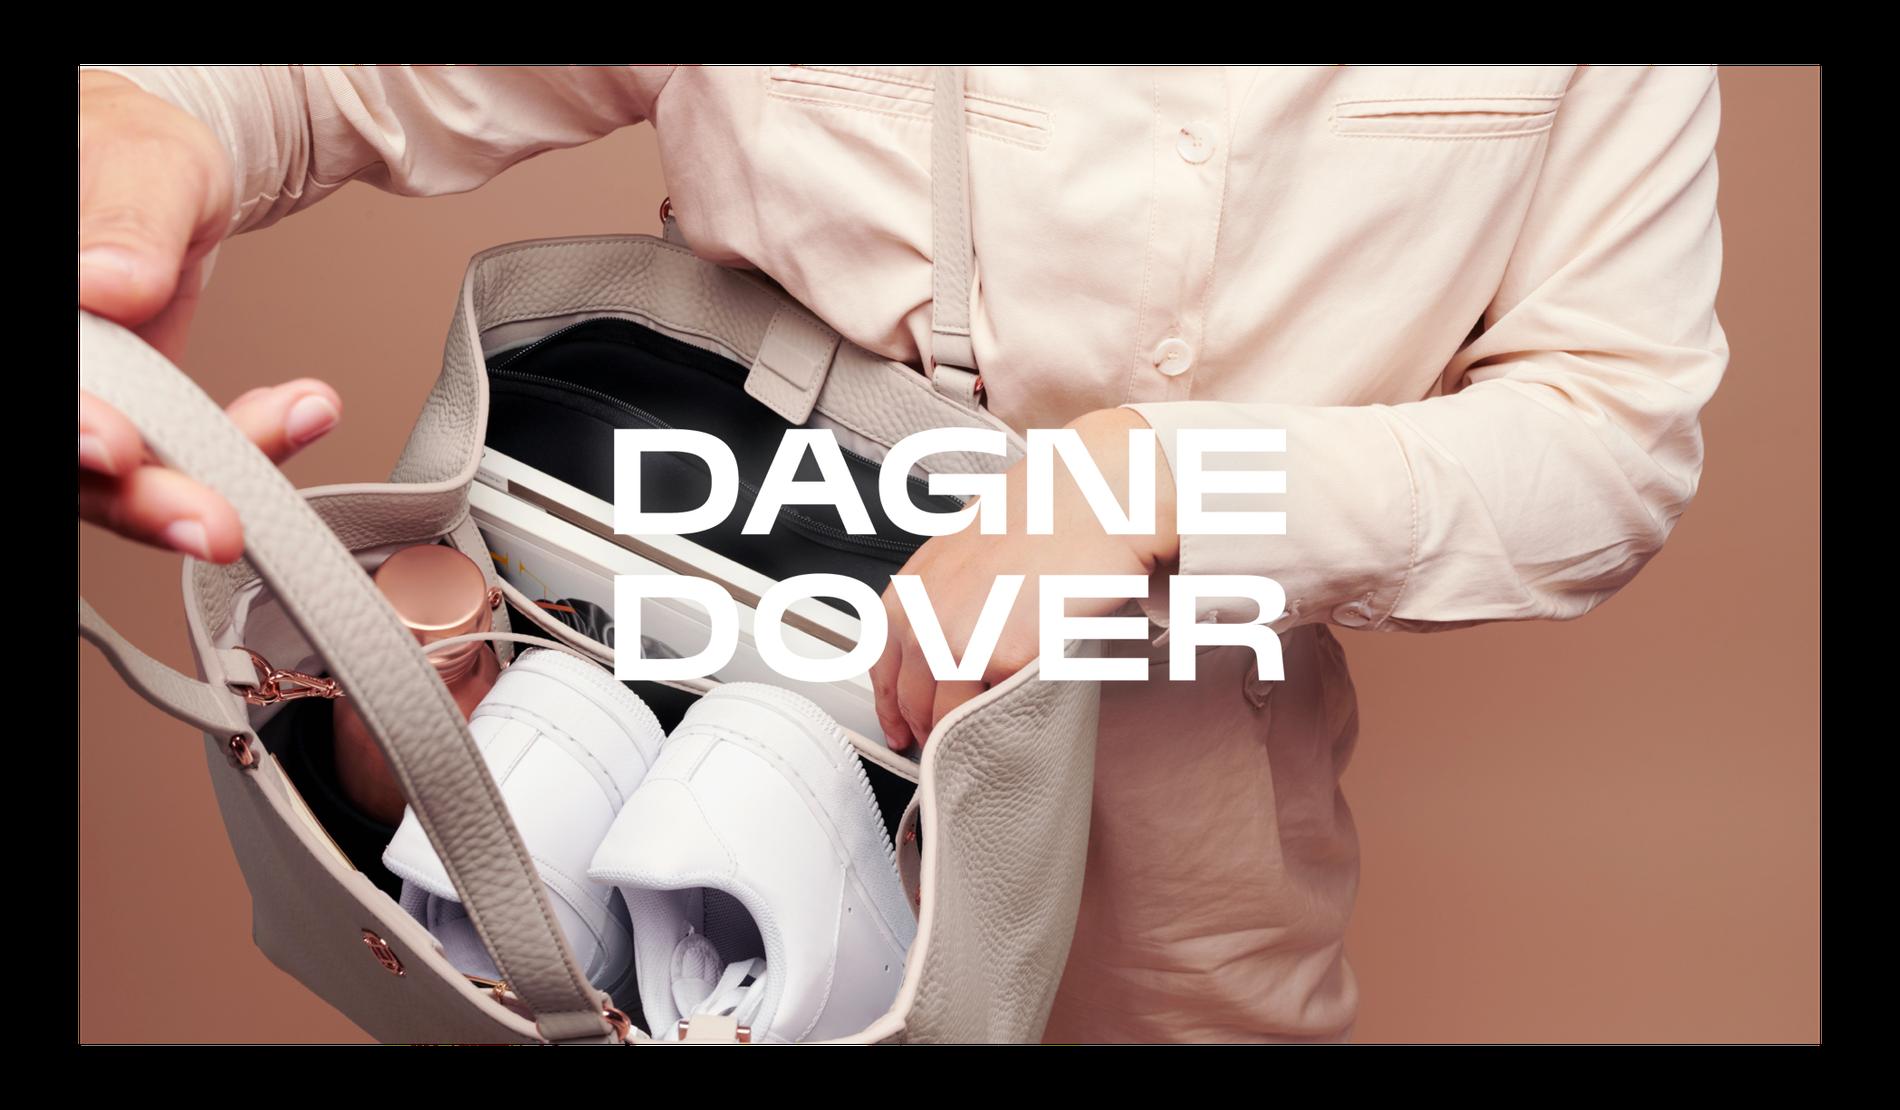 DagneDover-TroisMille-02.png